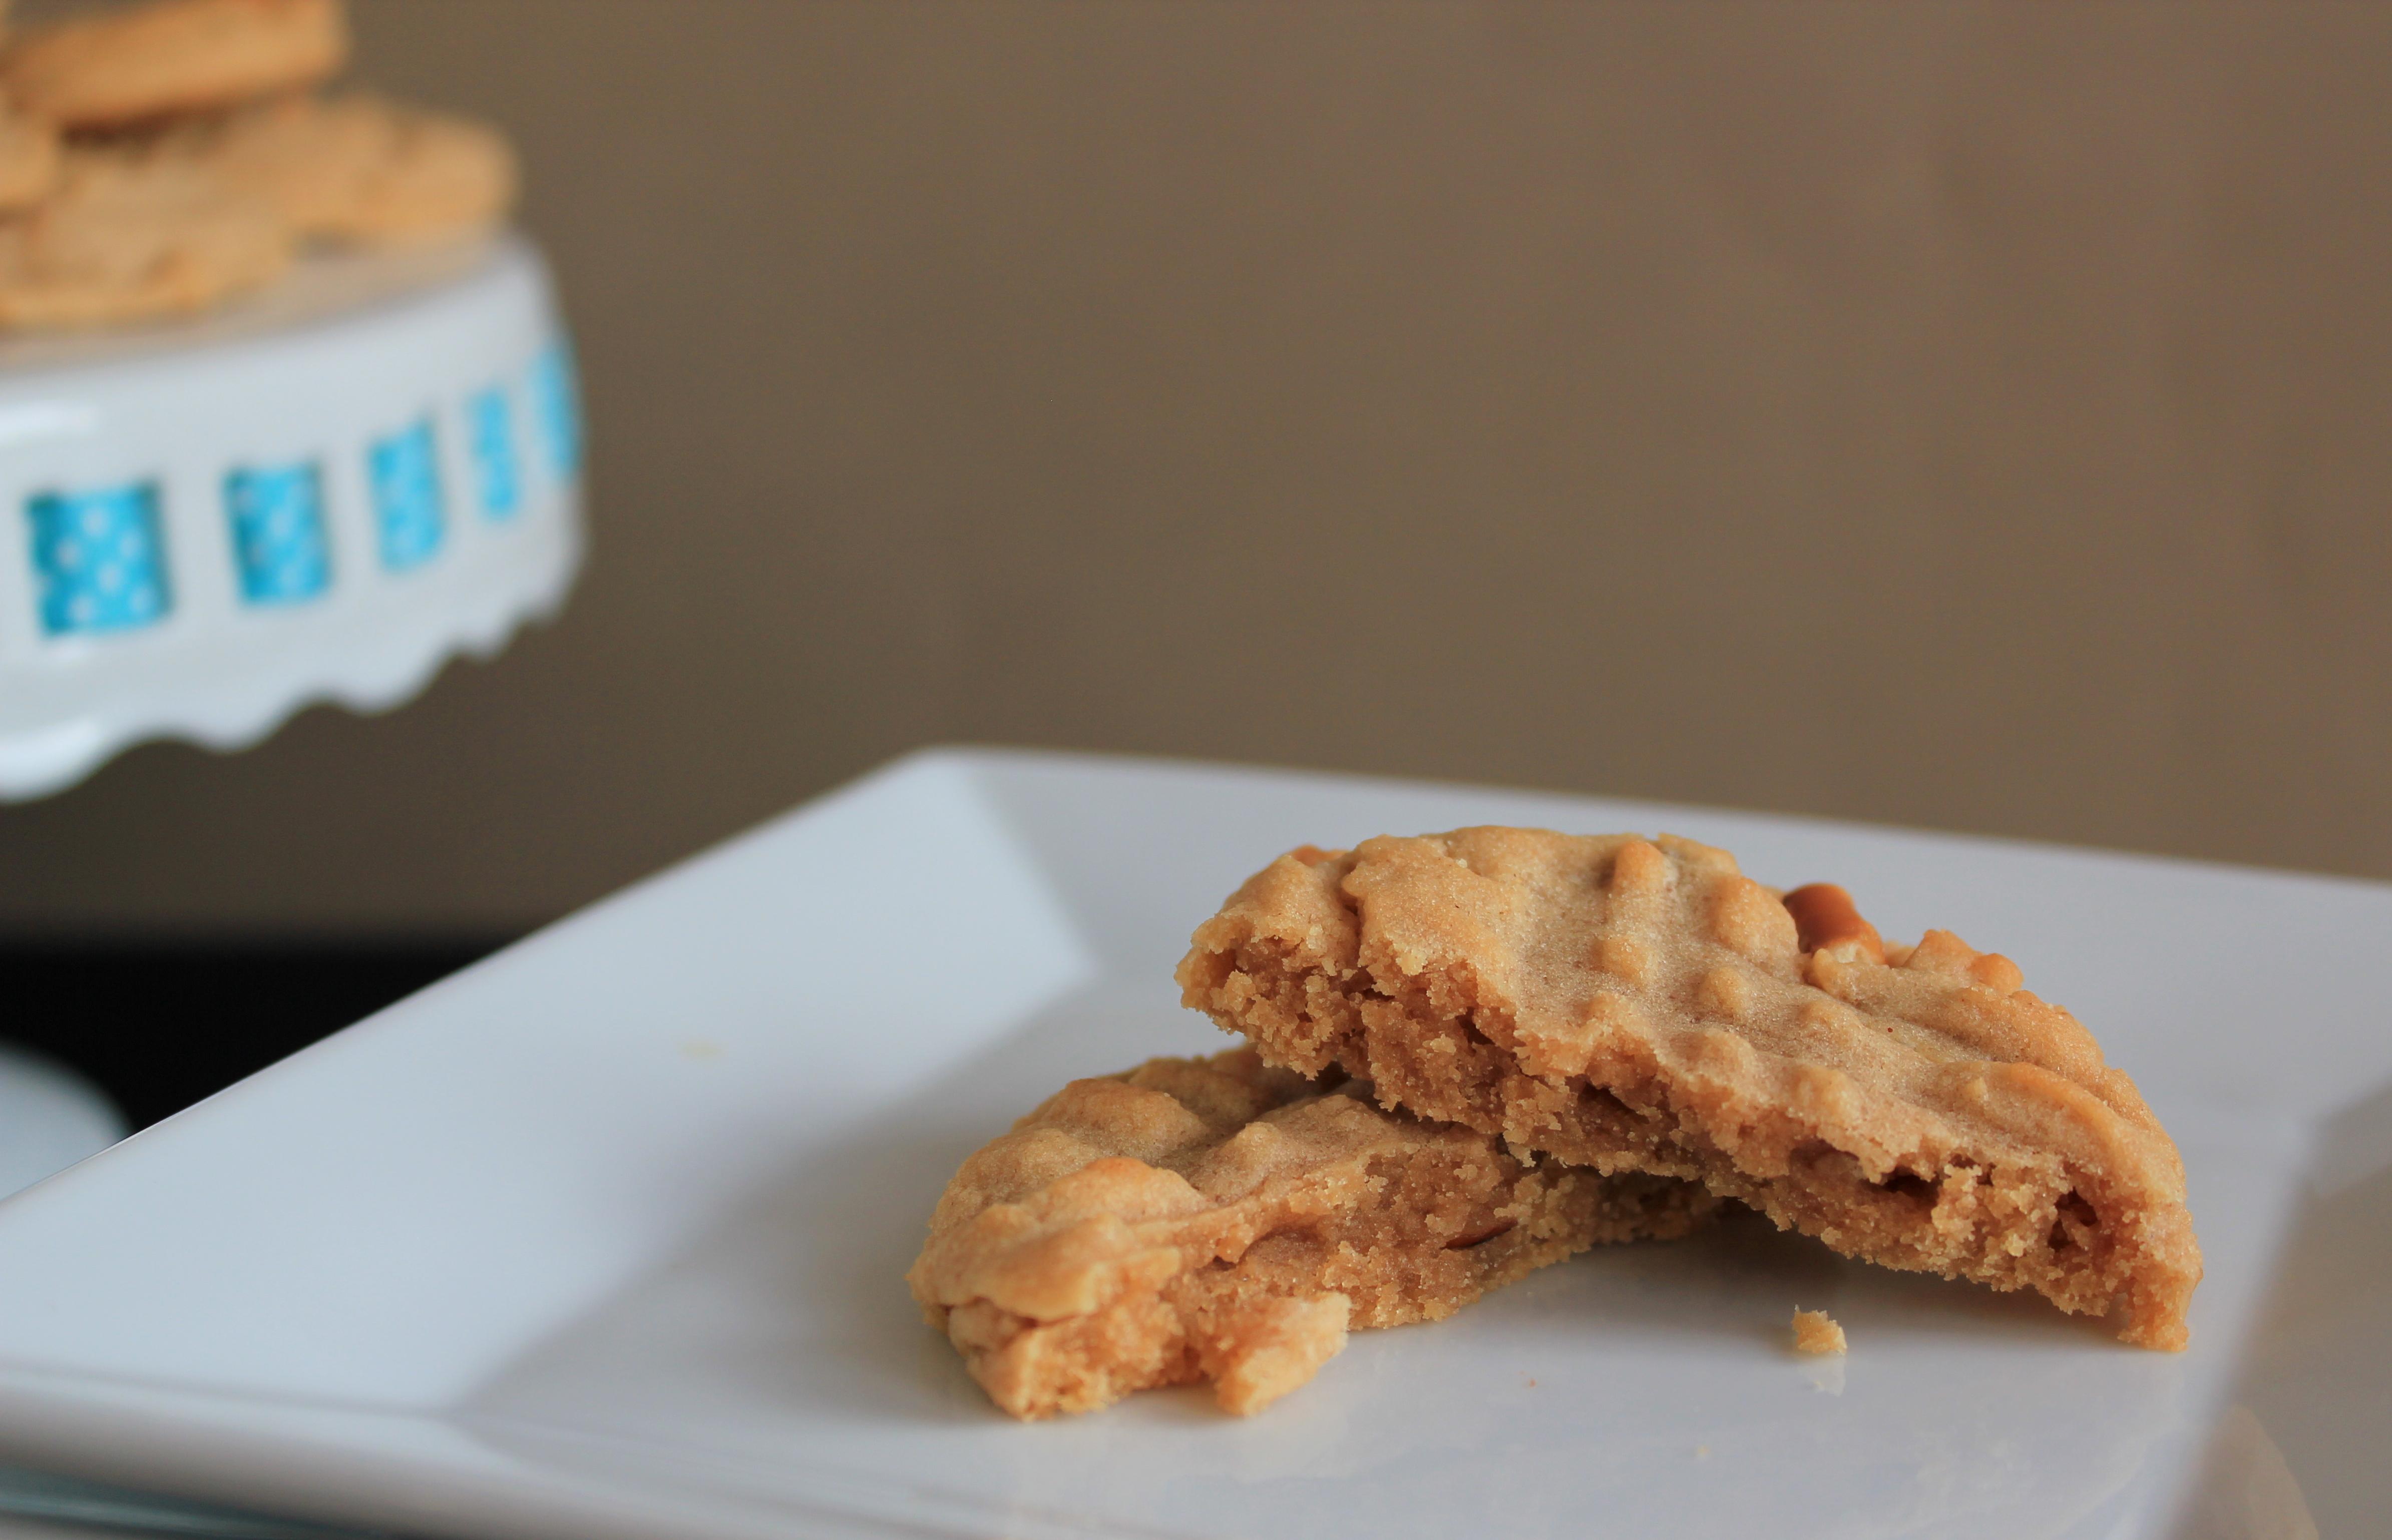 Oven pretzel or peanut mix recipes